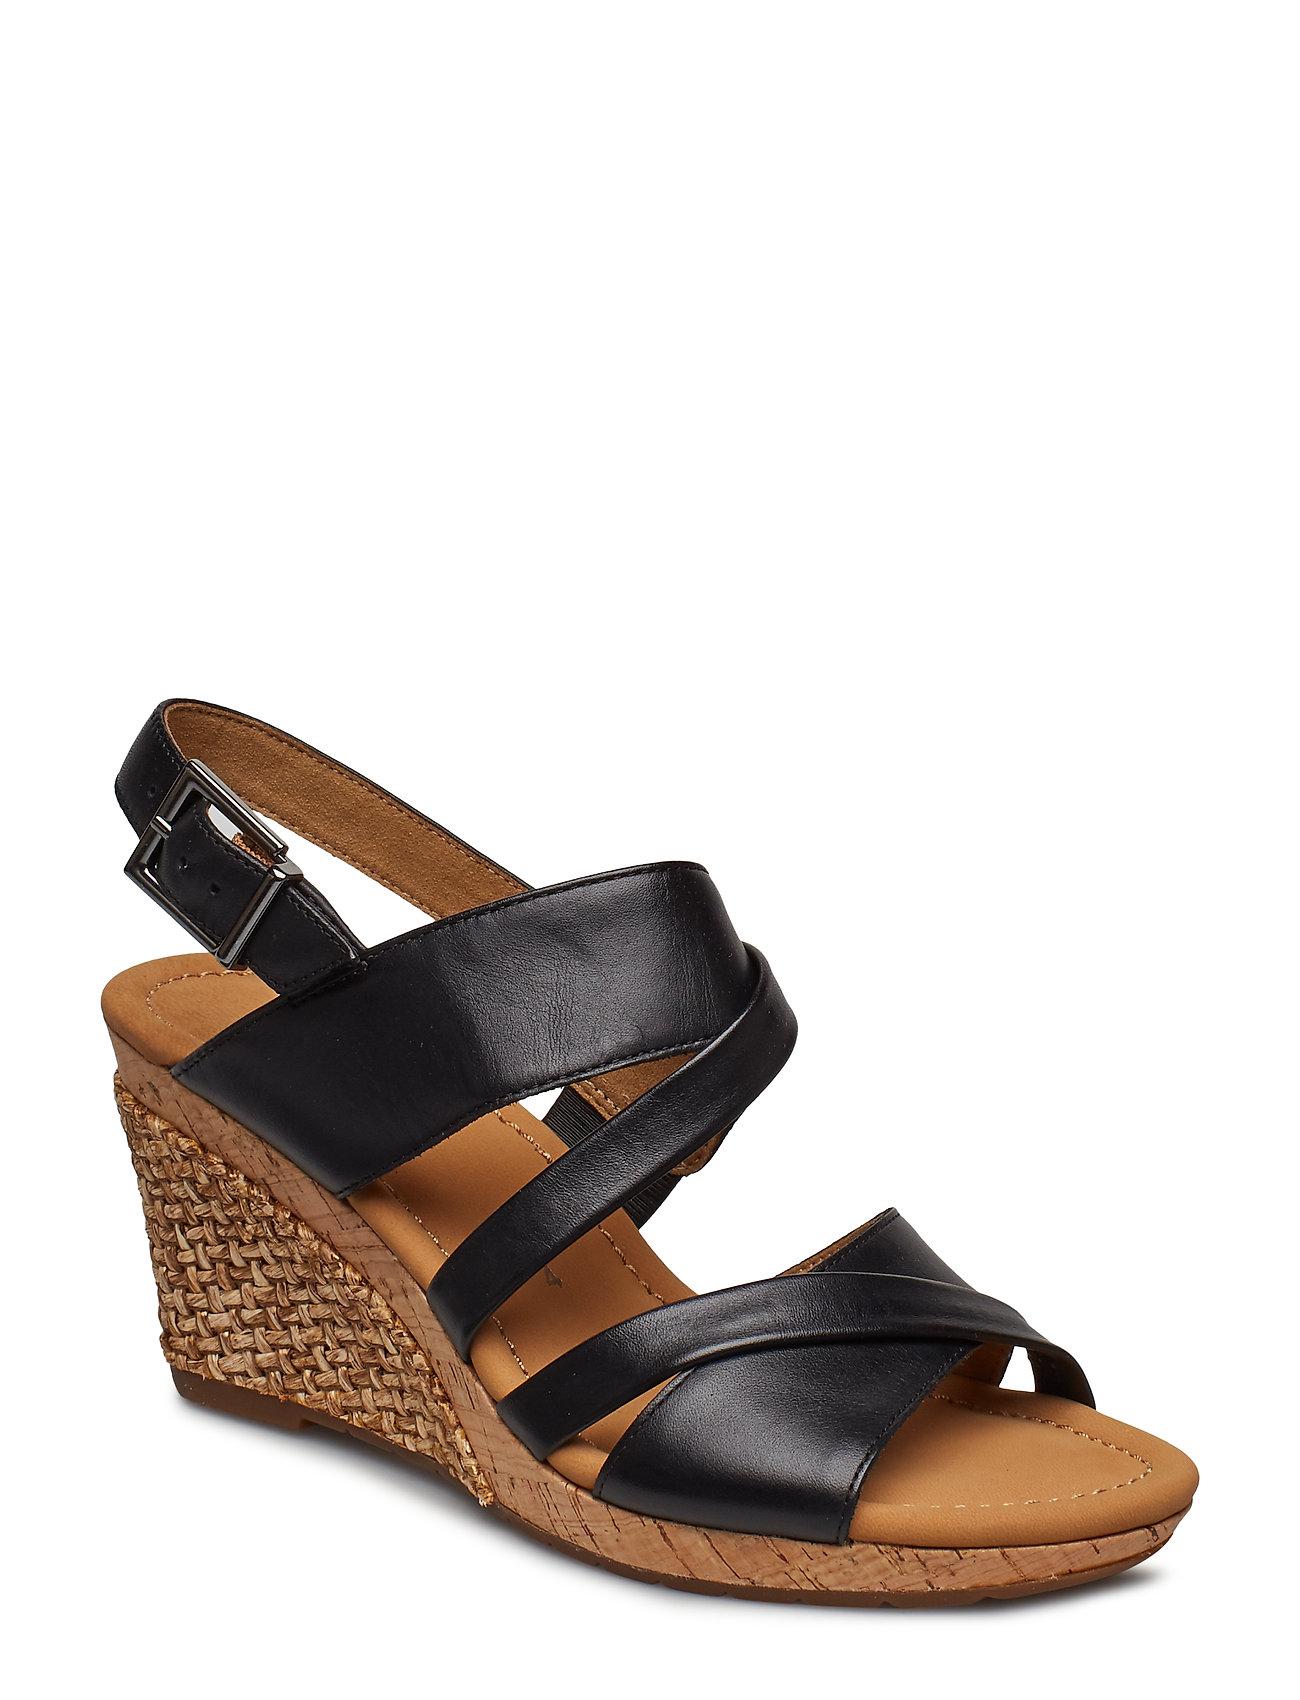 2be2f5c7d960 Sling Sandals espadrillos med kilehæl fra Gabor til dame i Sort ...